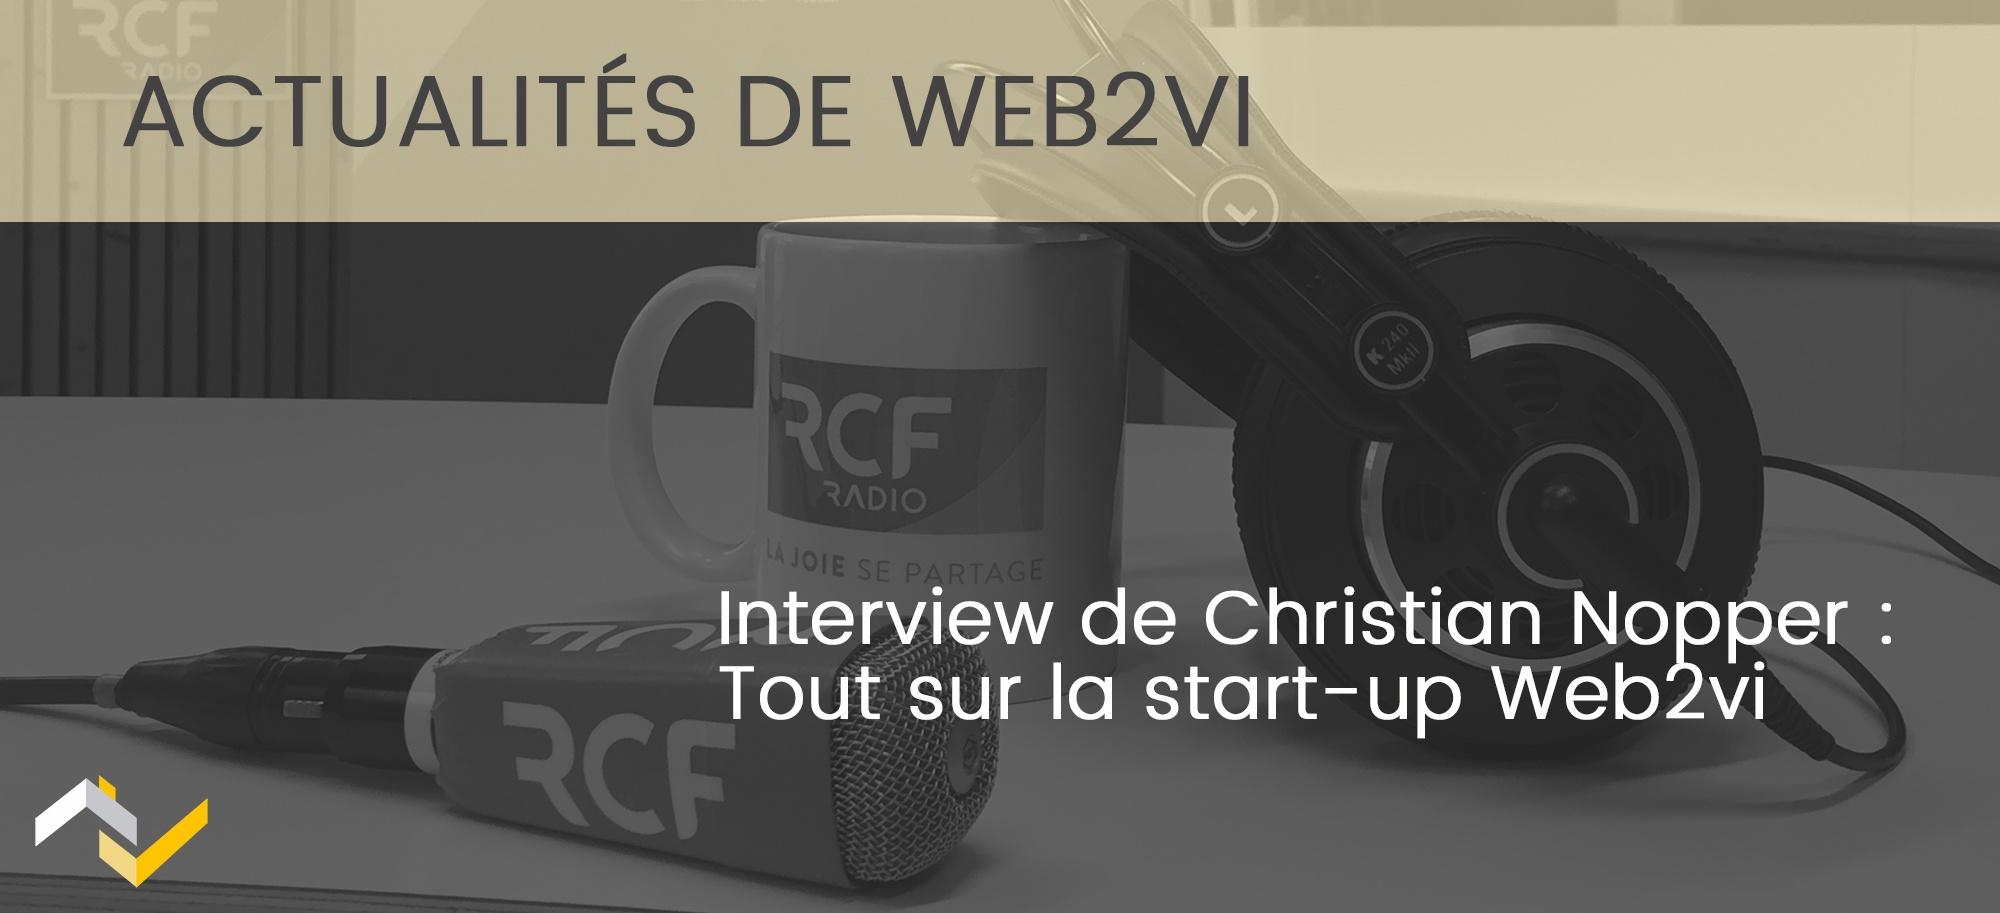 Interview de Christian Nopper : Tout sur la start-up Web2vi